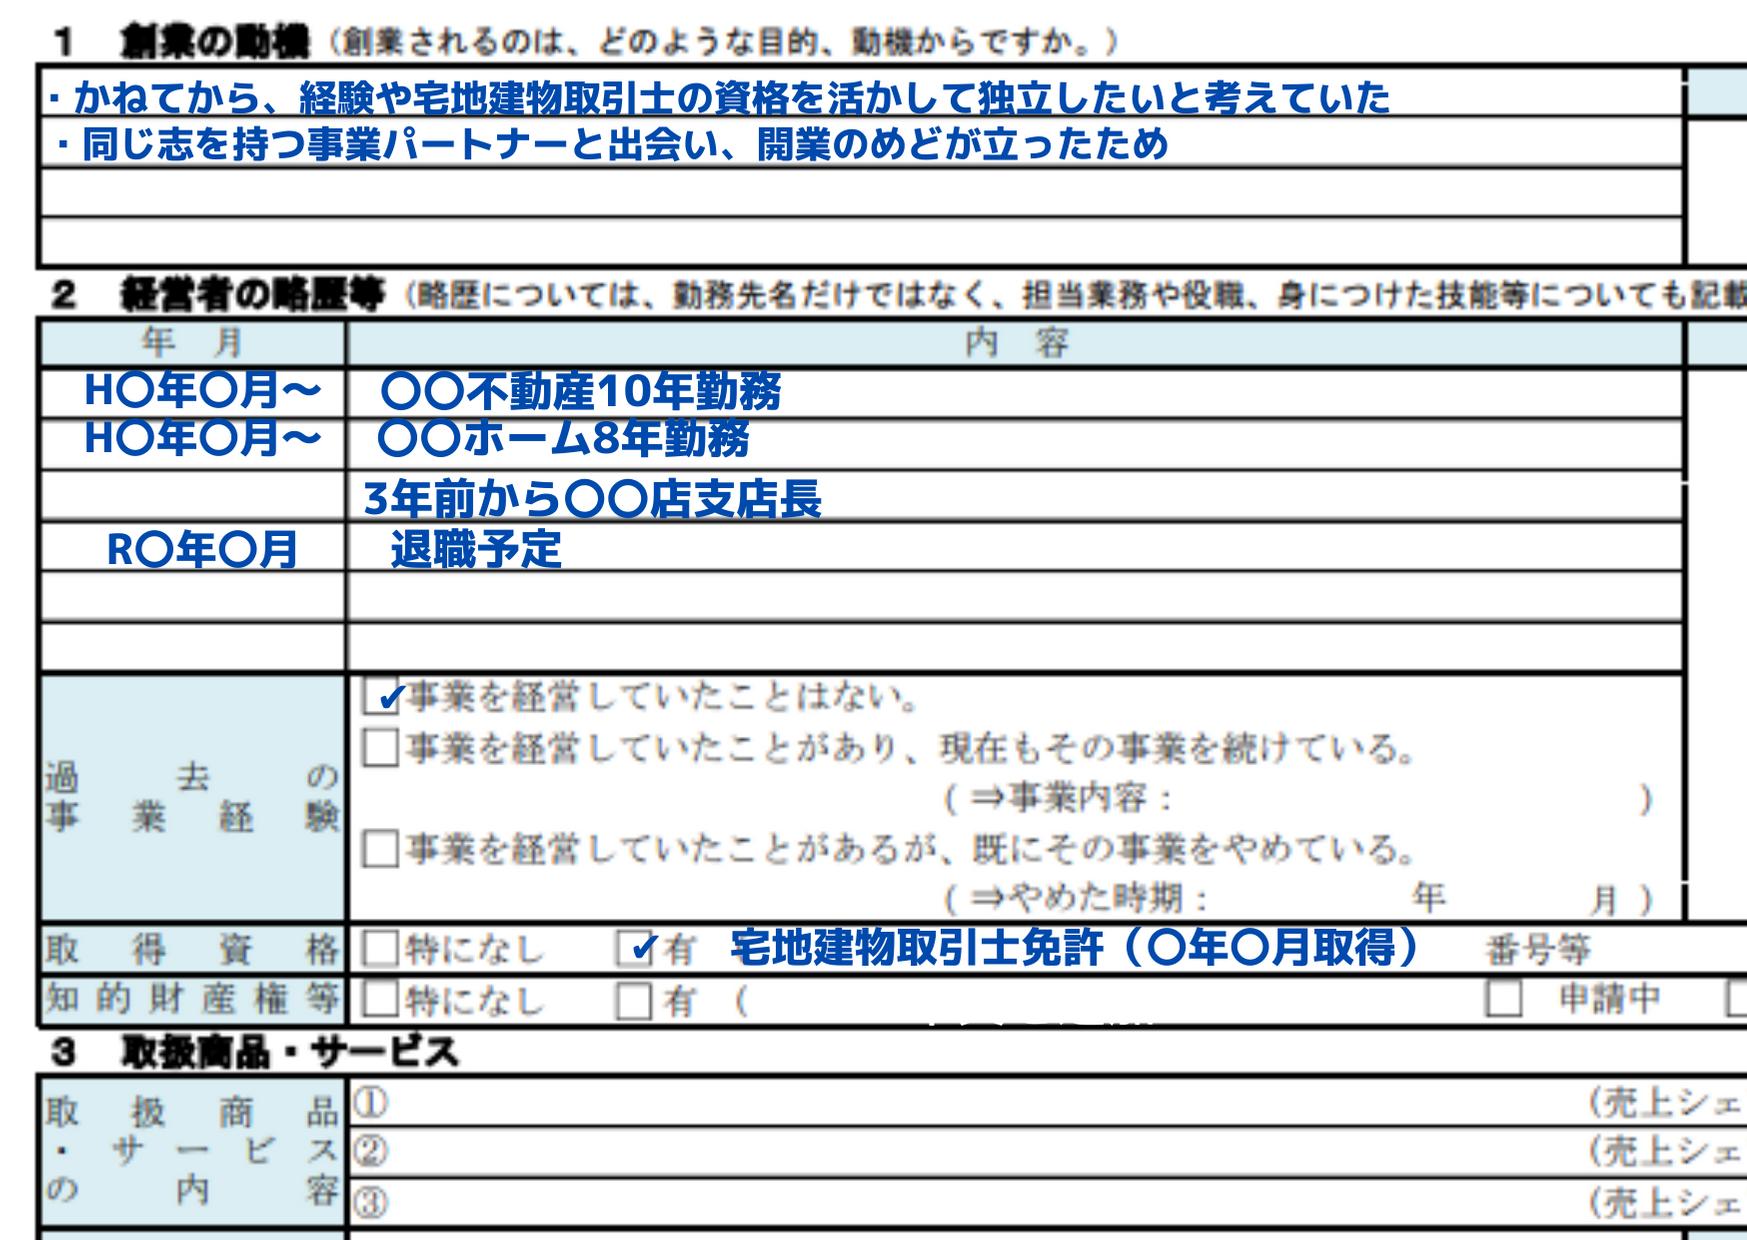 不動産業の事業計画書のイメージ